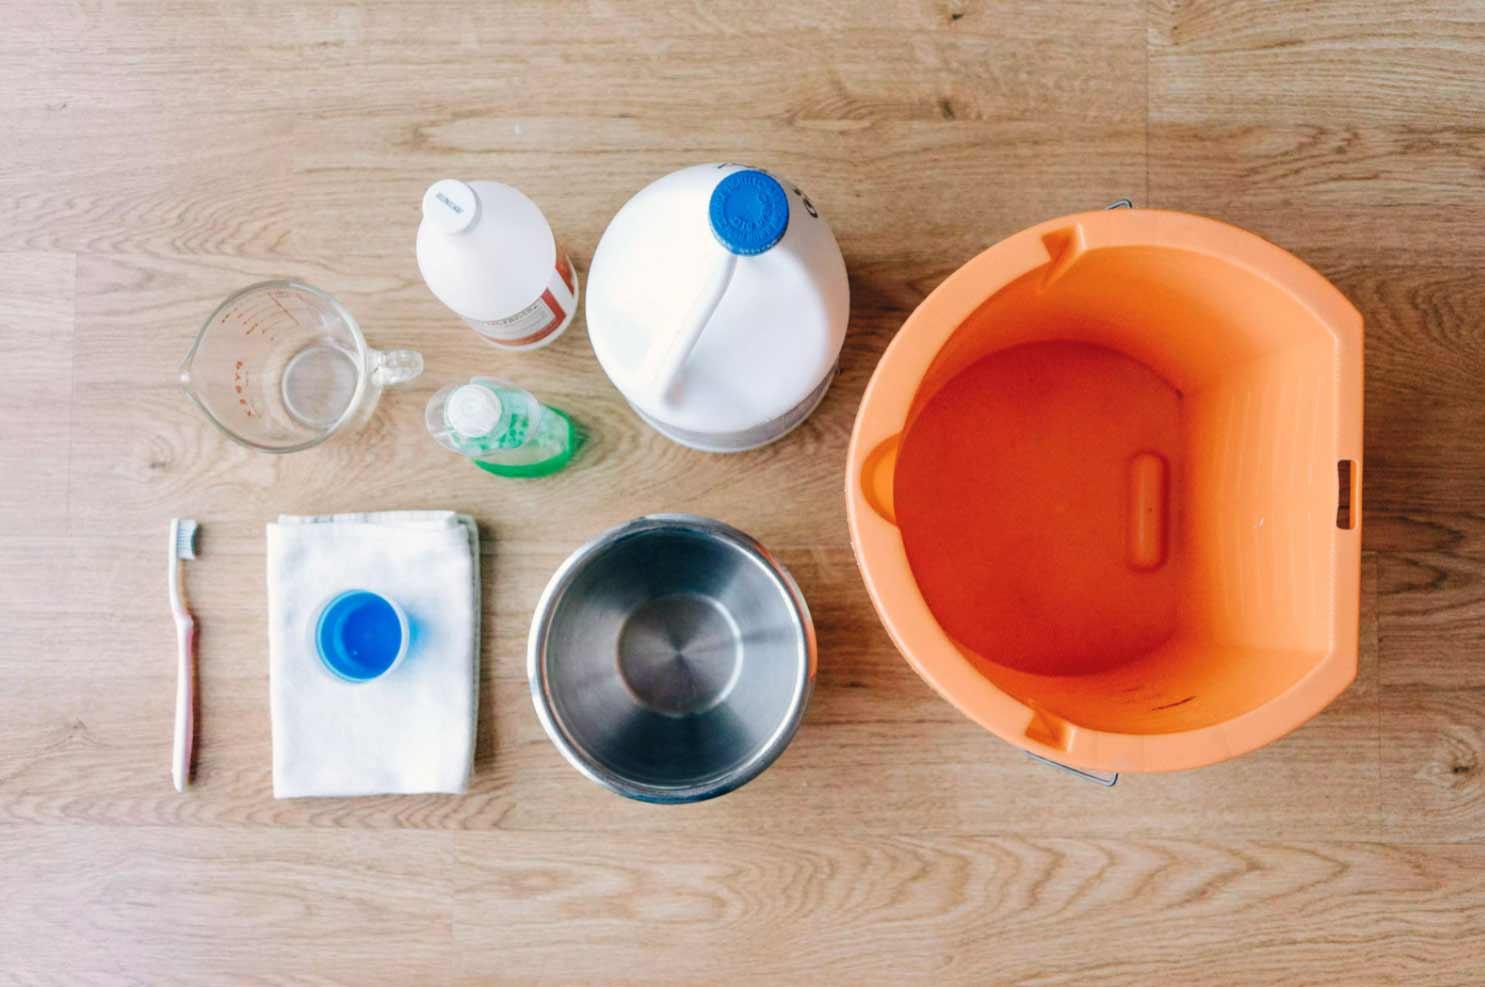 Εργαλεία και υλικά για τον καθαρισμό πλυντηρίου άνω φόρτωσης.